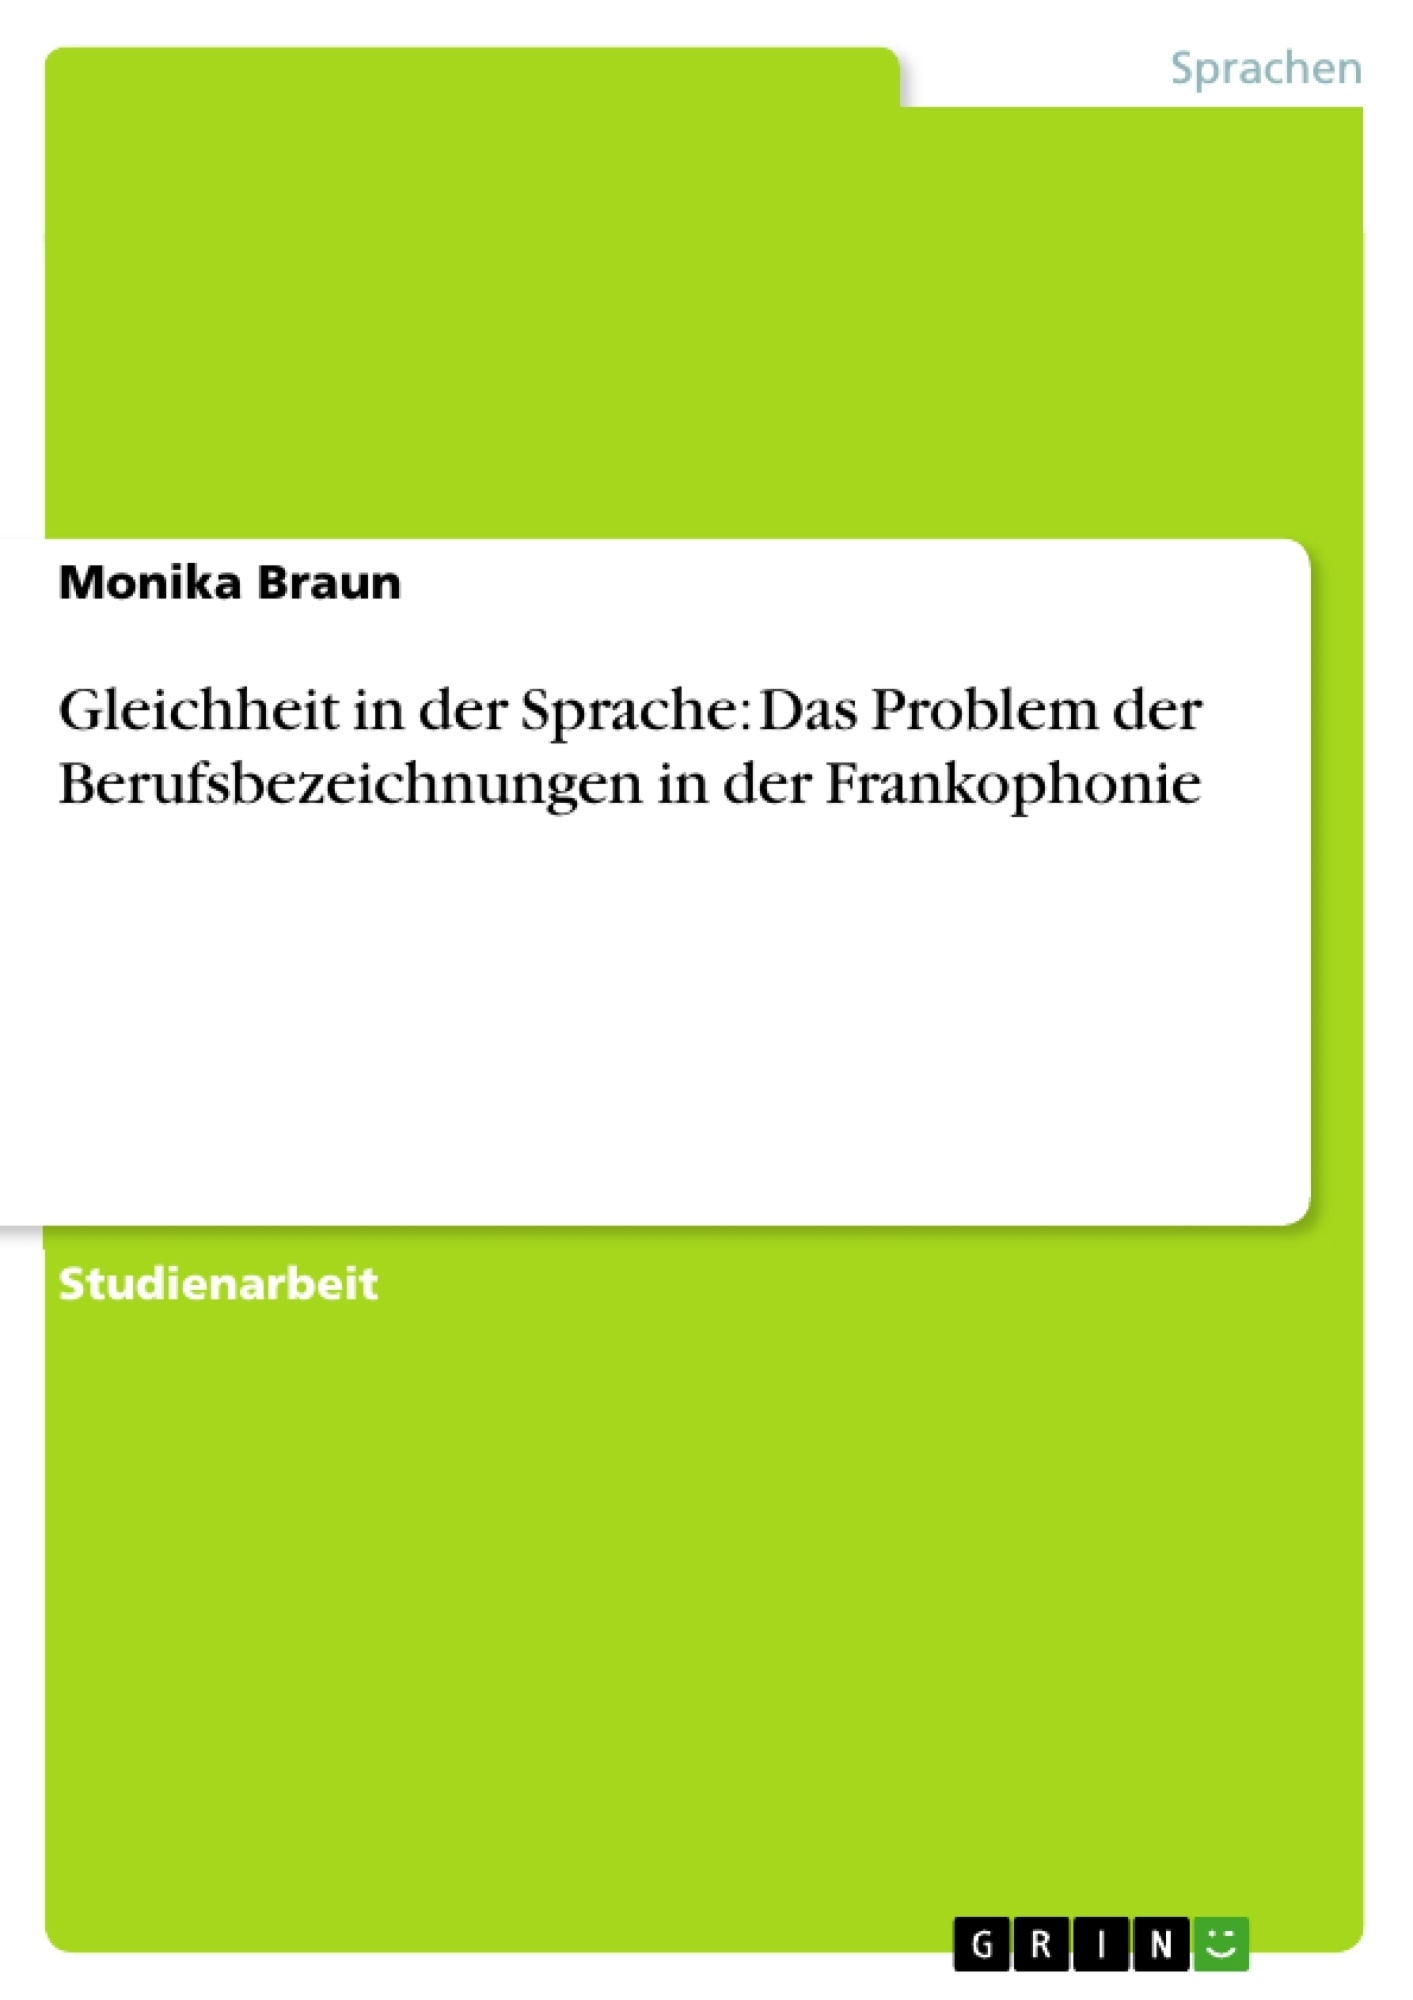 Titel: Gleichheit in der Sprache: Das Problem der Berufsbezeichnungen in der Frankophonie